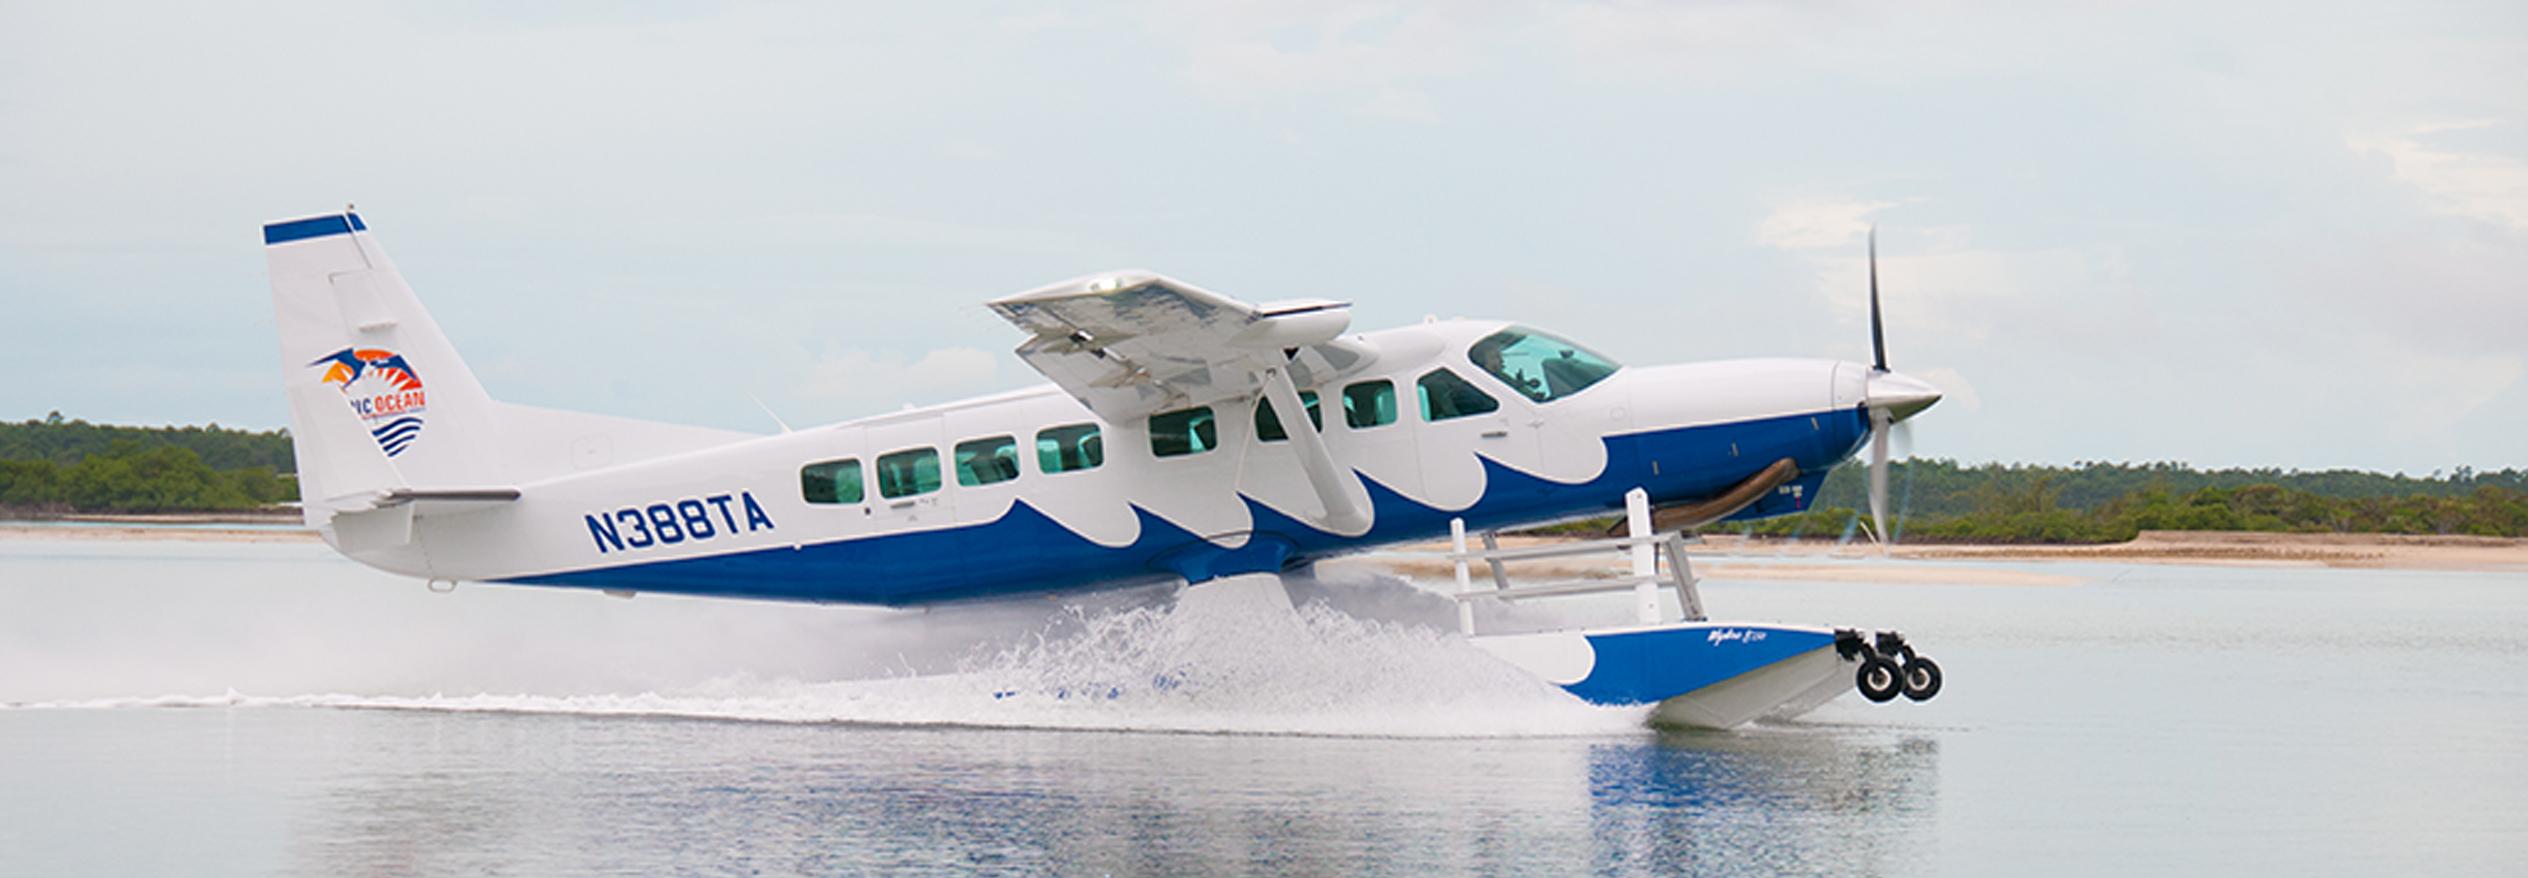 Slider-Seaplane_001